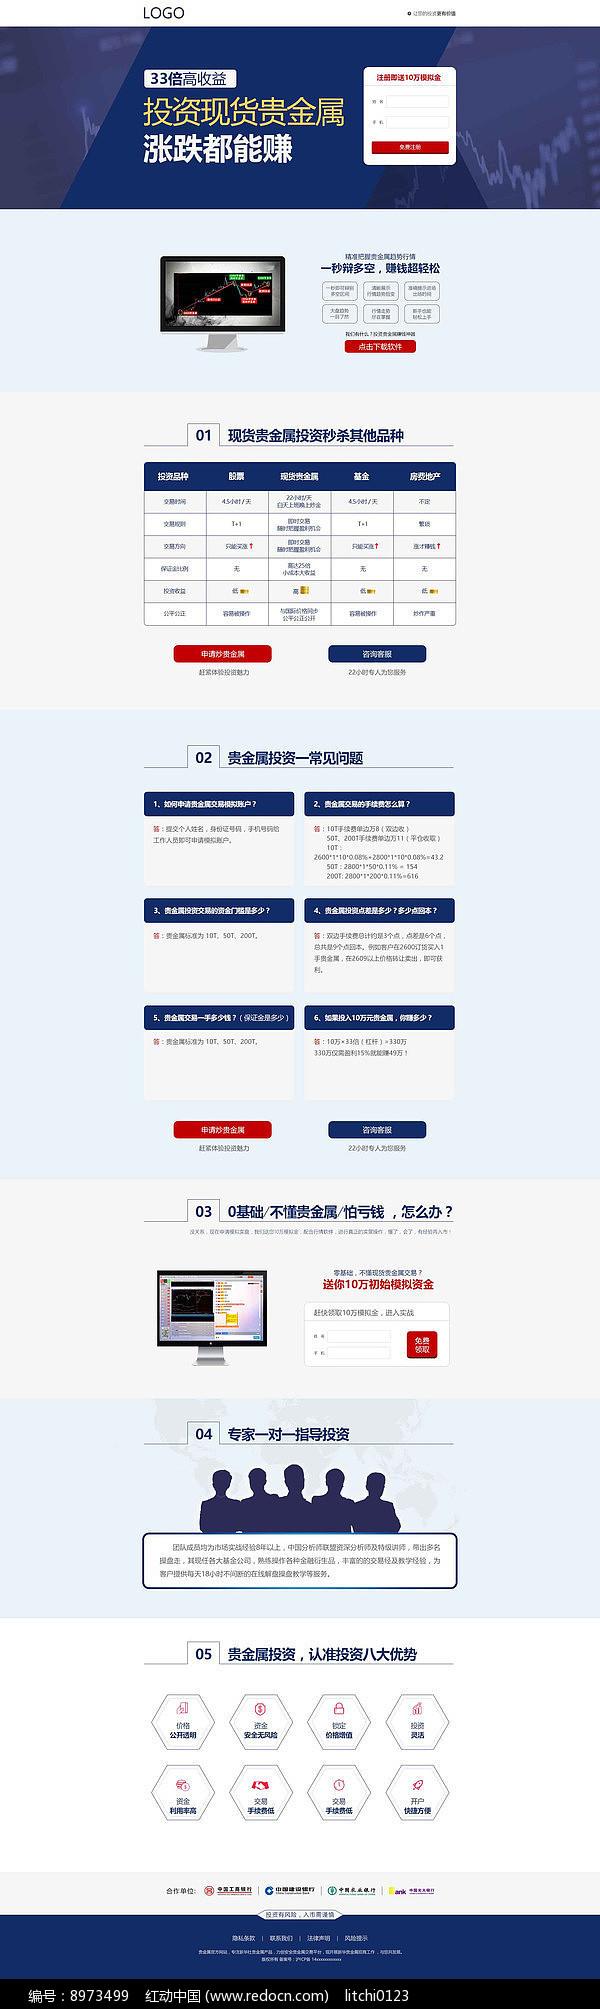 金融宣传专题页设计图片